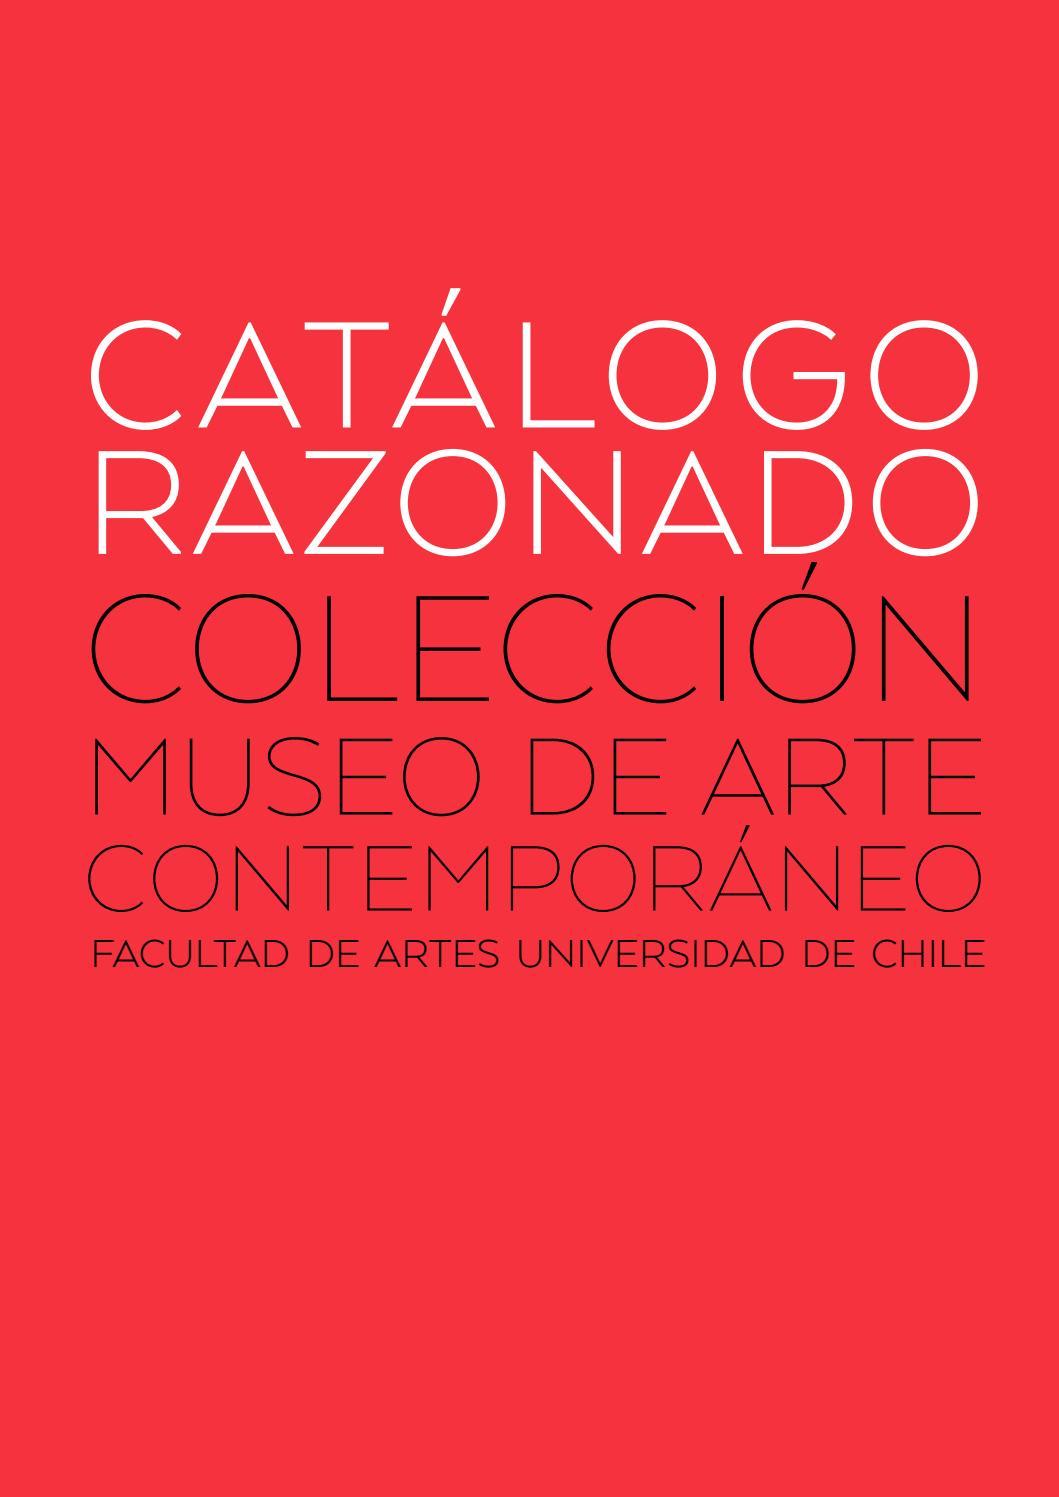 1 de 2. Catálogo Razonado - Colección Museo de Arte Contemporáneo by ...